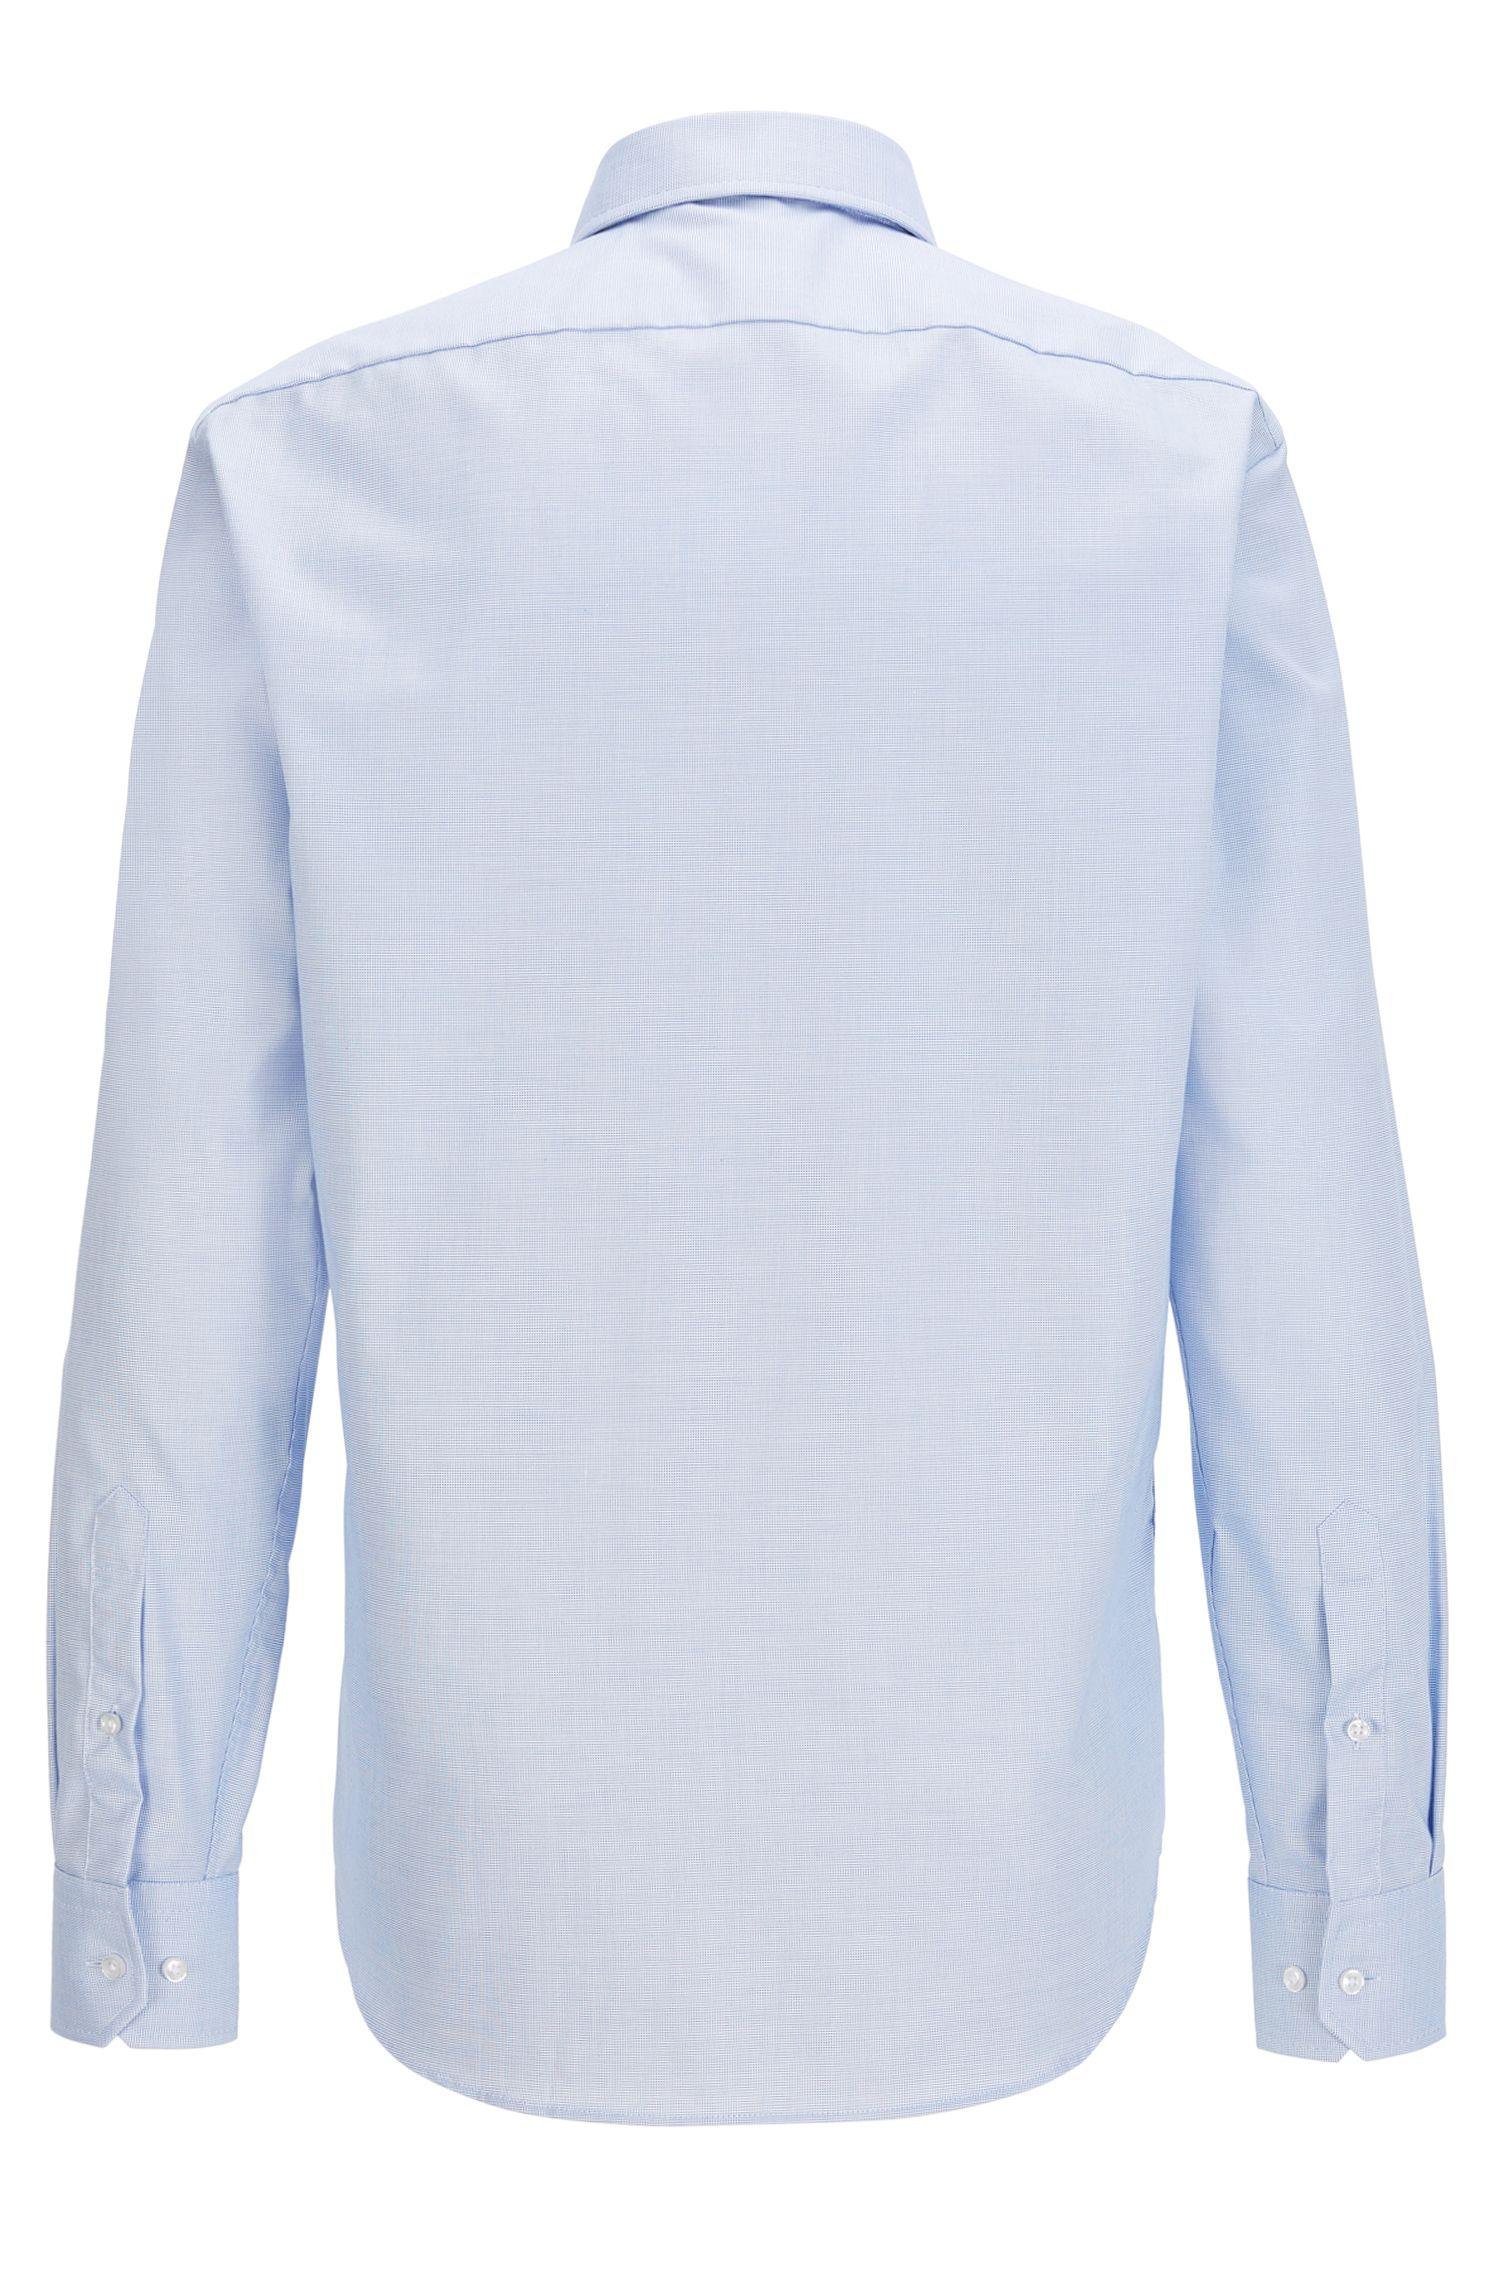 Overhemd van Fresh Active-katoen met lange mouwen